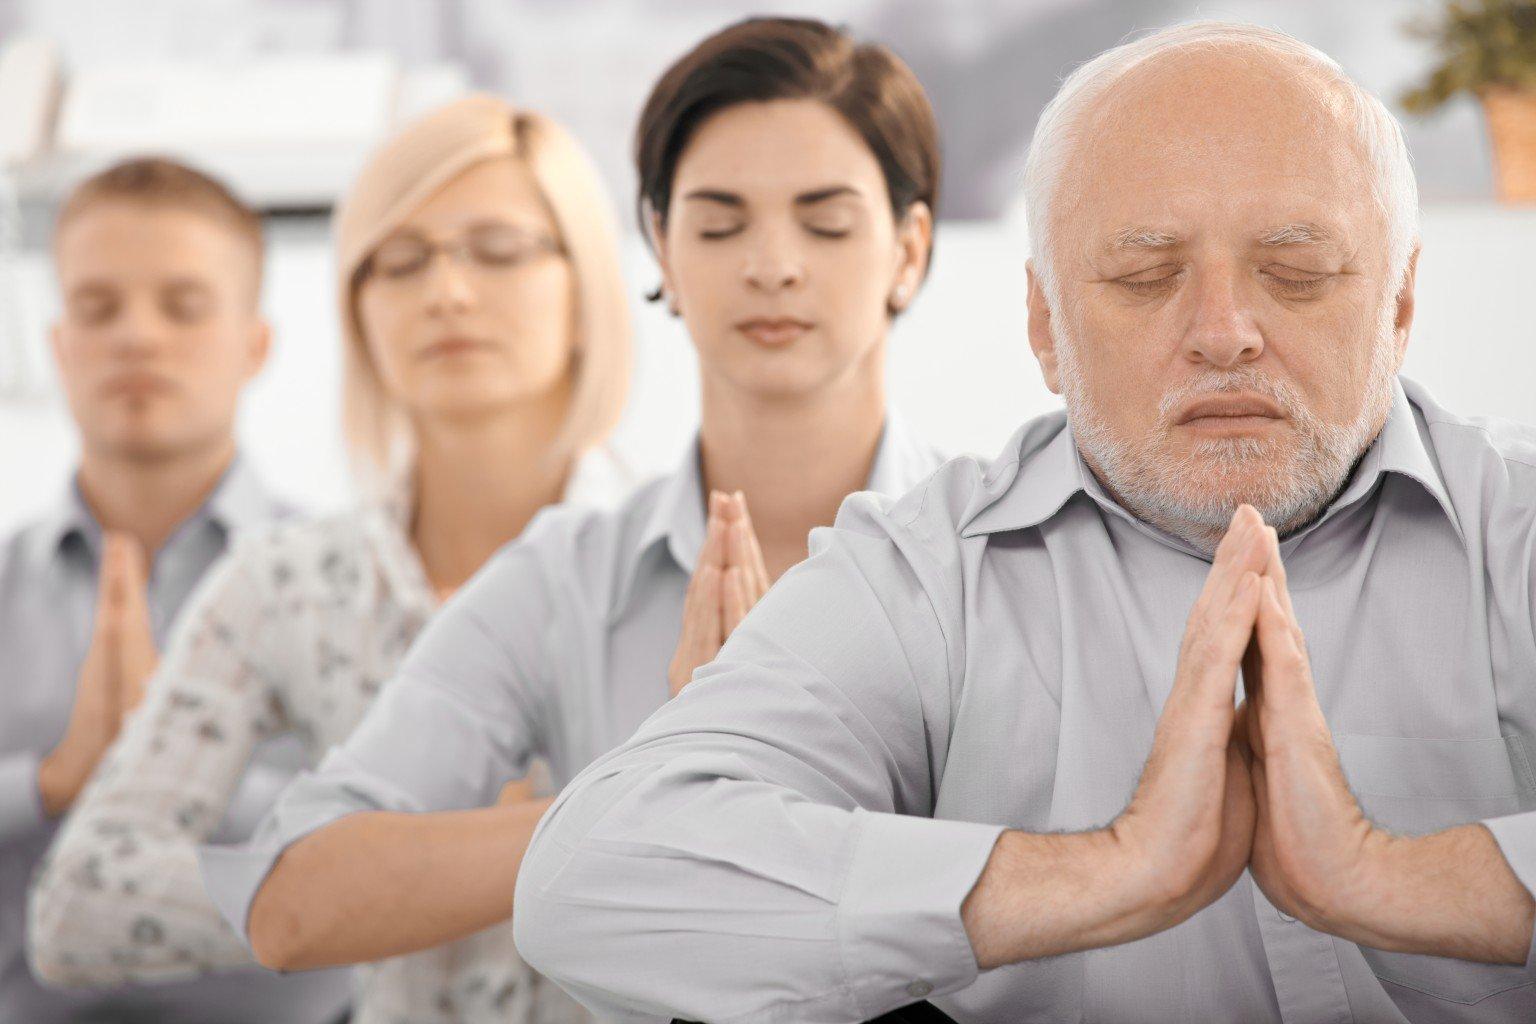 o people meditating facebook.jpg?resize=1200,630 - Aprenda a se manter calmo durante um conflito: 5 dicas